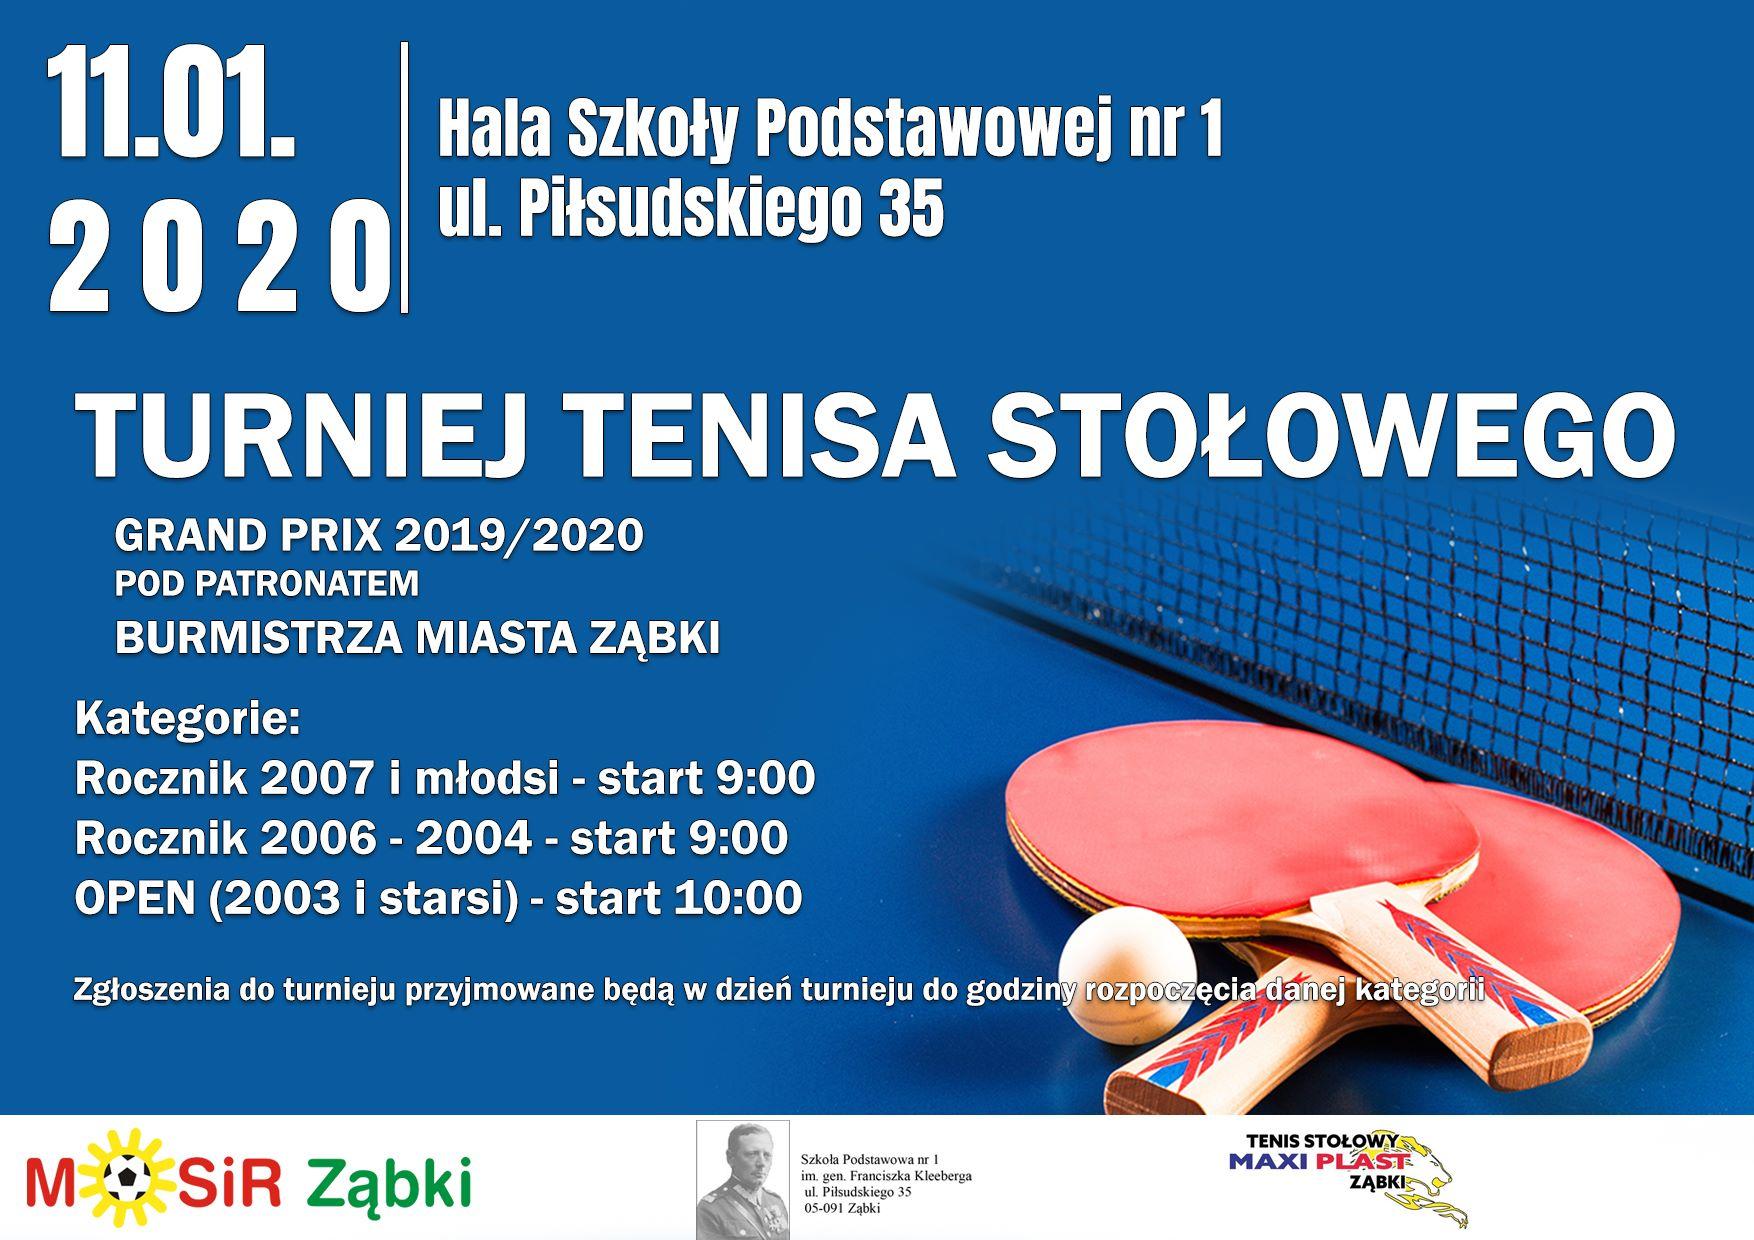 Plakat turnieju IV Grand Prix 2019/2020 w tenisie stołowym pod patronatem Burmistrza Miasta Ząbki